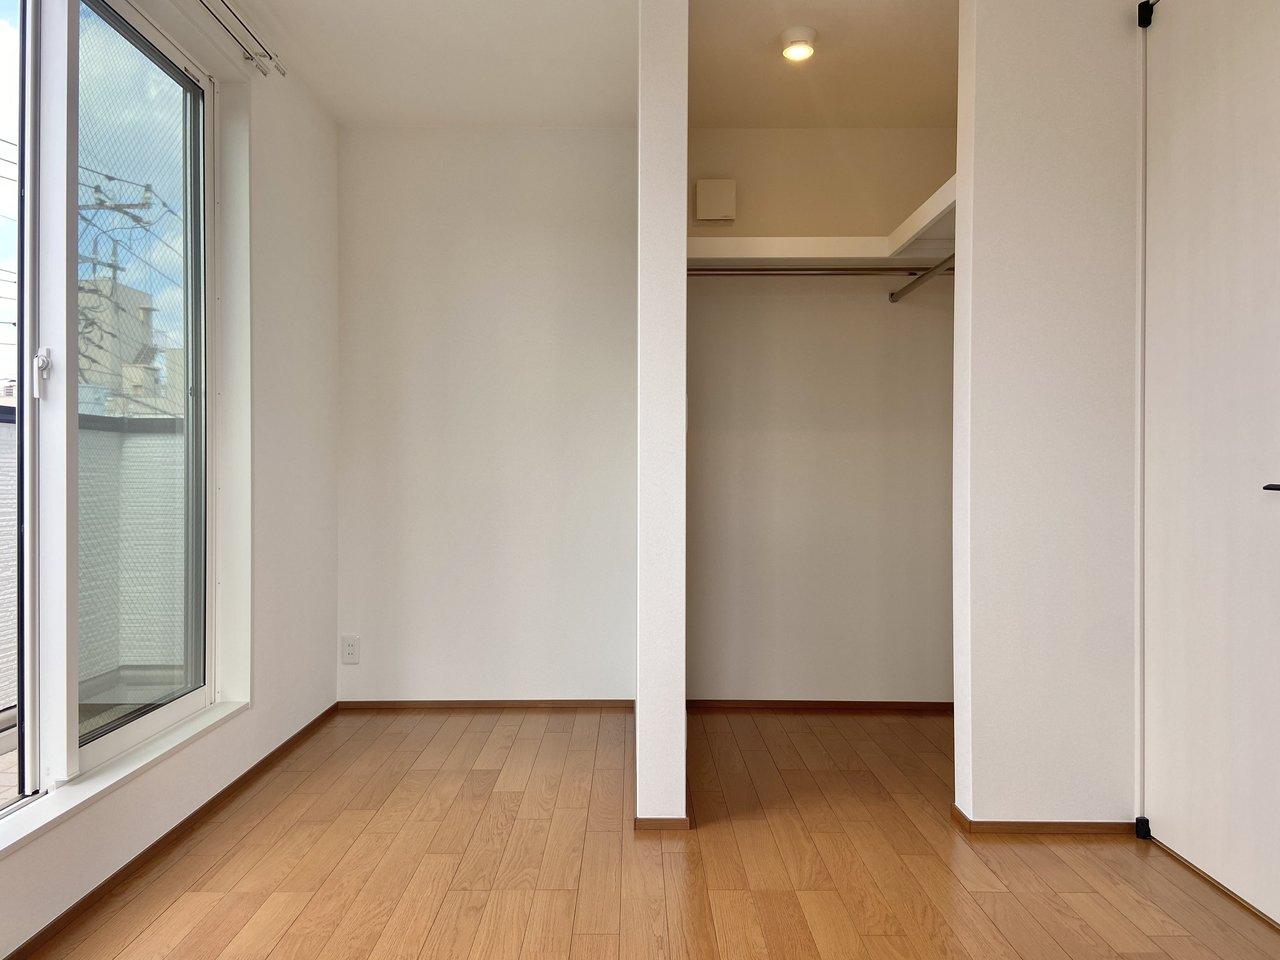 洋室各部屋にはウォークインクローゼットが備わっています。収納力も頼もしい。